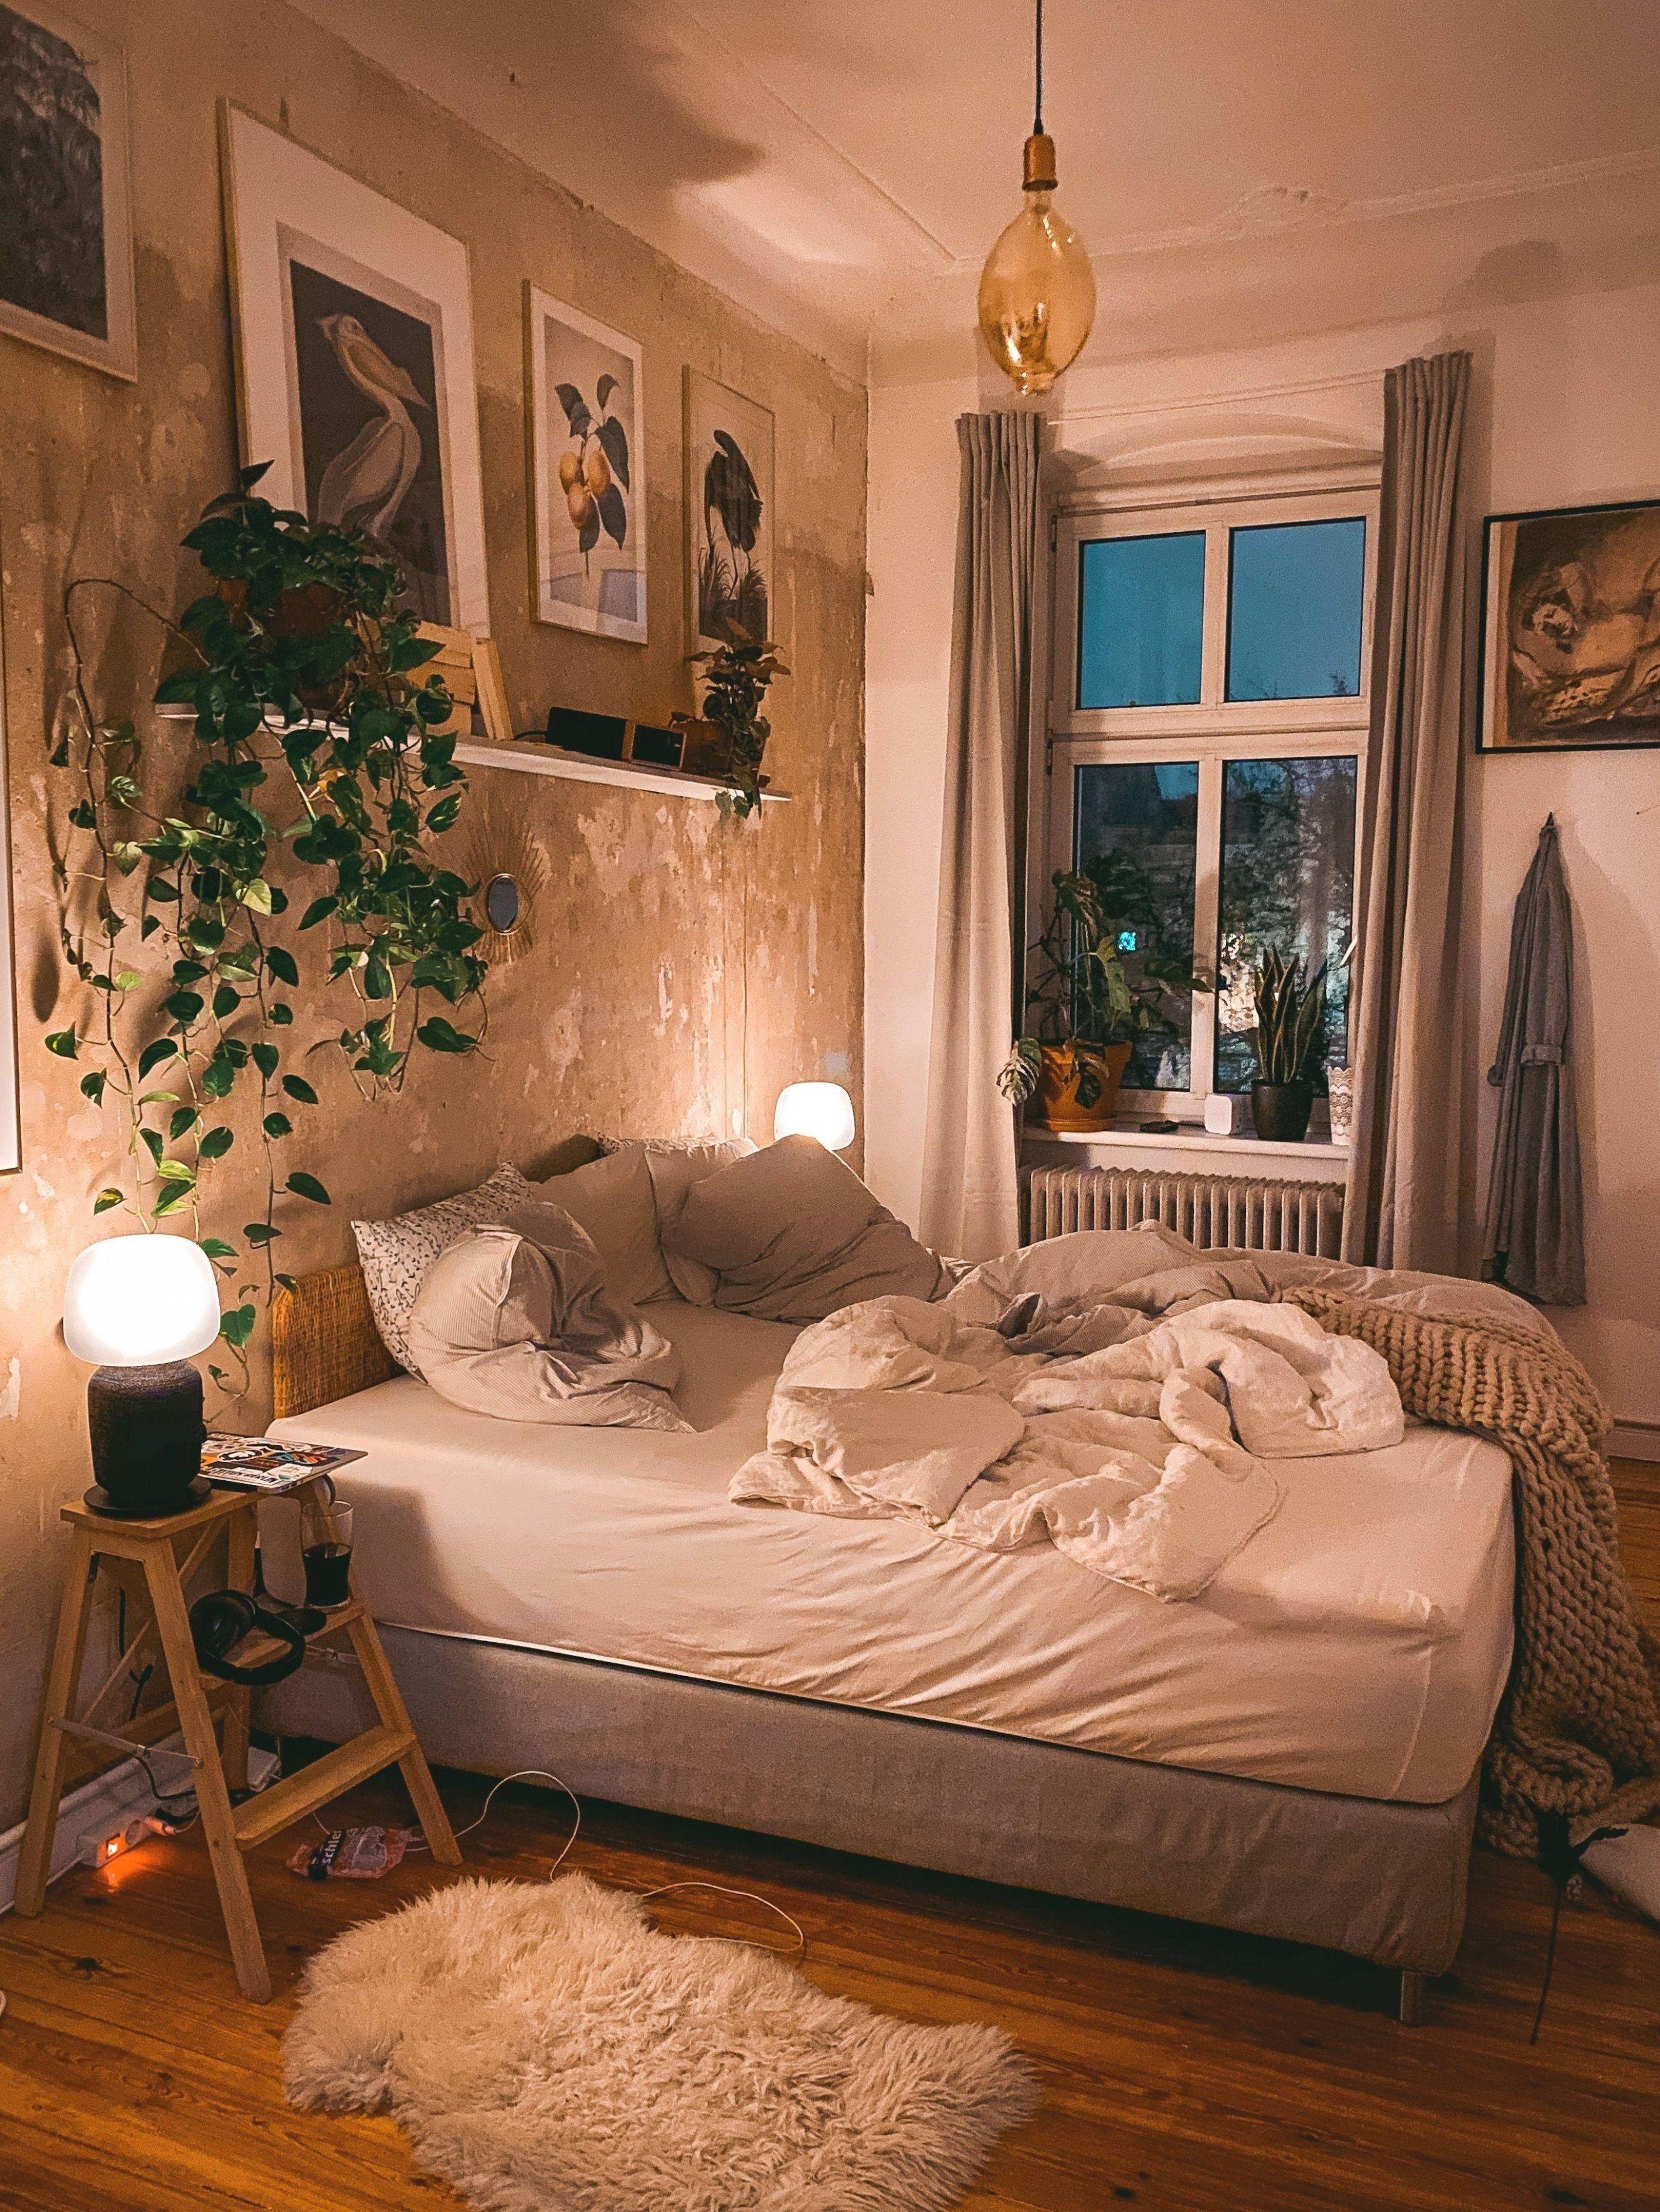 evdekorasyonfikirleri  evdekoru  evi  in  evi  mekanlar    dekorasyonfikirleri  dekorasyon  evoturmaodas    tasar  mevler  decor  yatakodas    bedroom  yatakodas  dekorasyonfikirleri  k  rlentmodelleri  k  rlentdekorasyon #